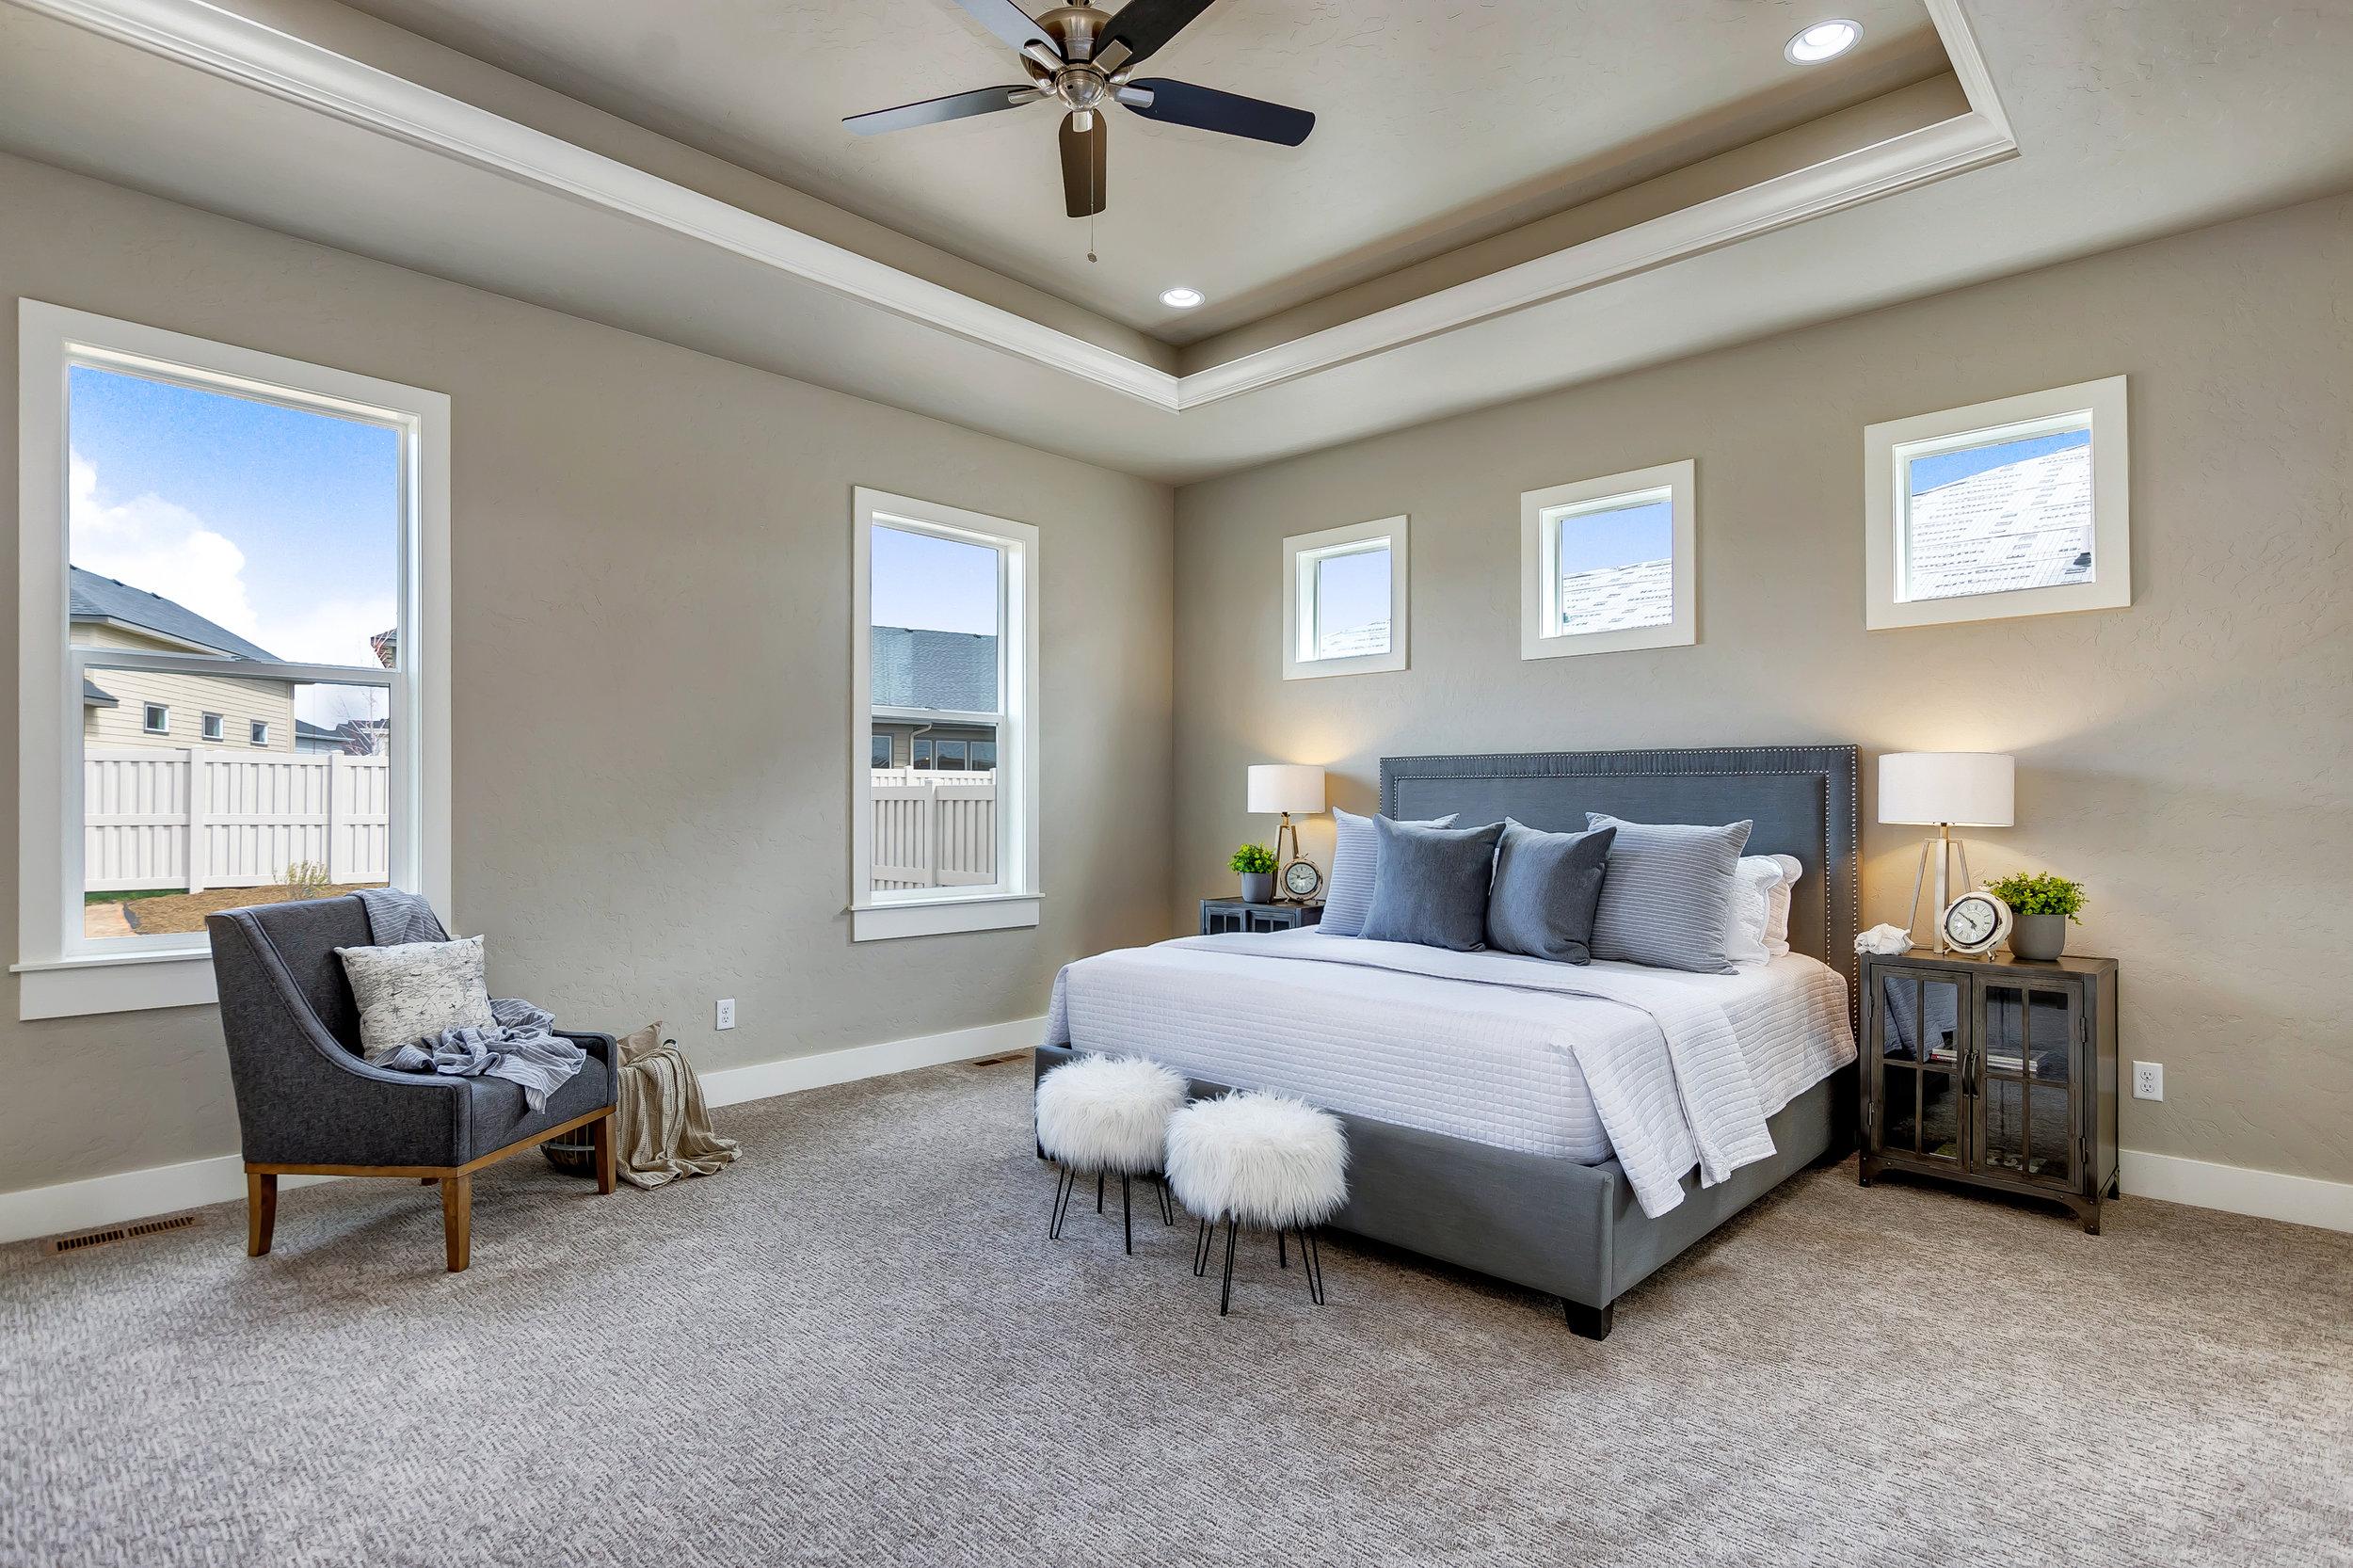 34-Master Bedroom.jpg